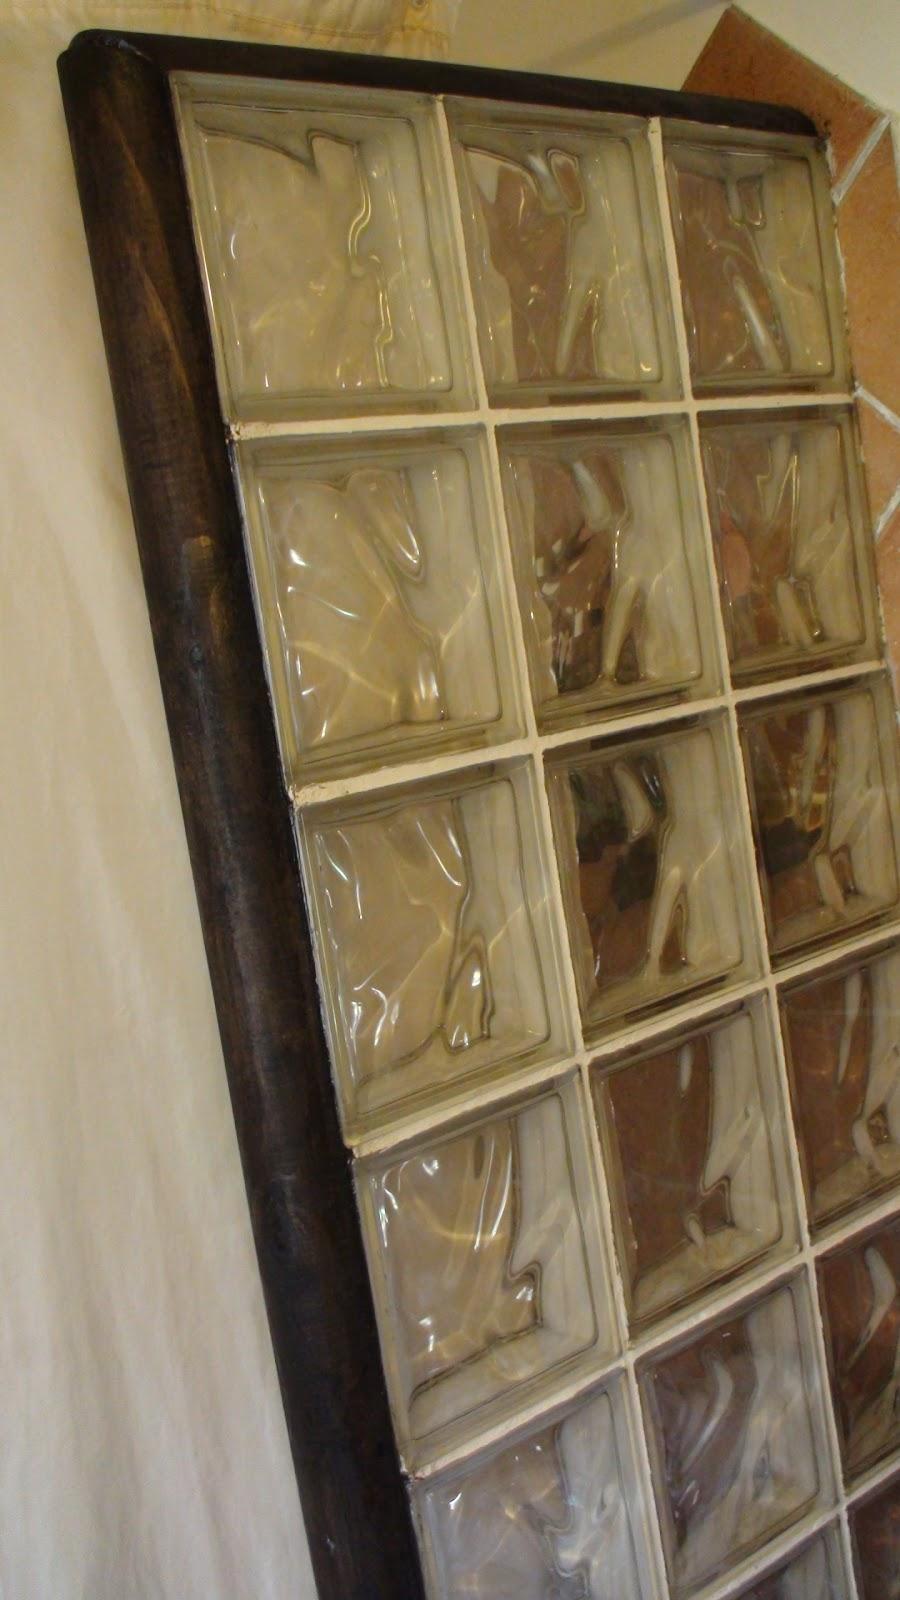 El bricolaje en tus manos pared de bloques de vidrio con perfil de madera de media ca a - Pared de bloques de vidrio ...